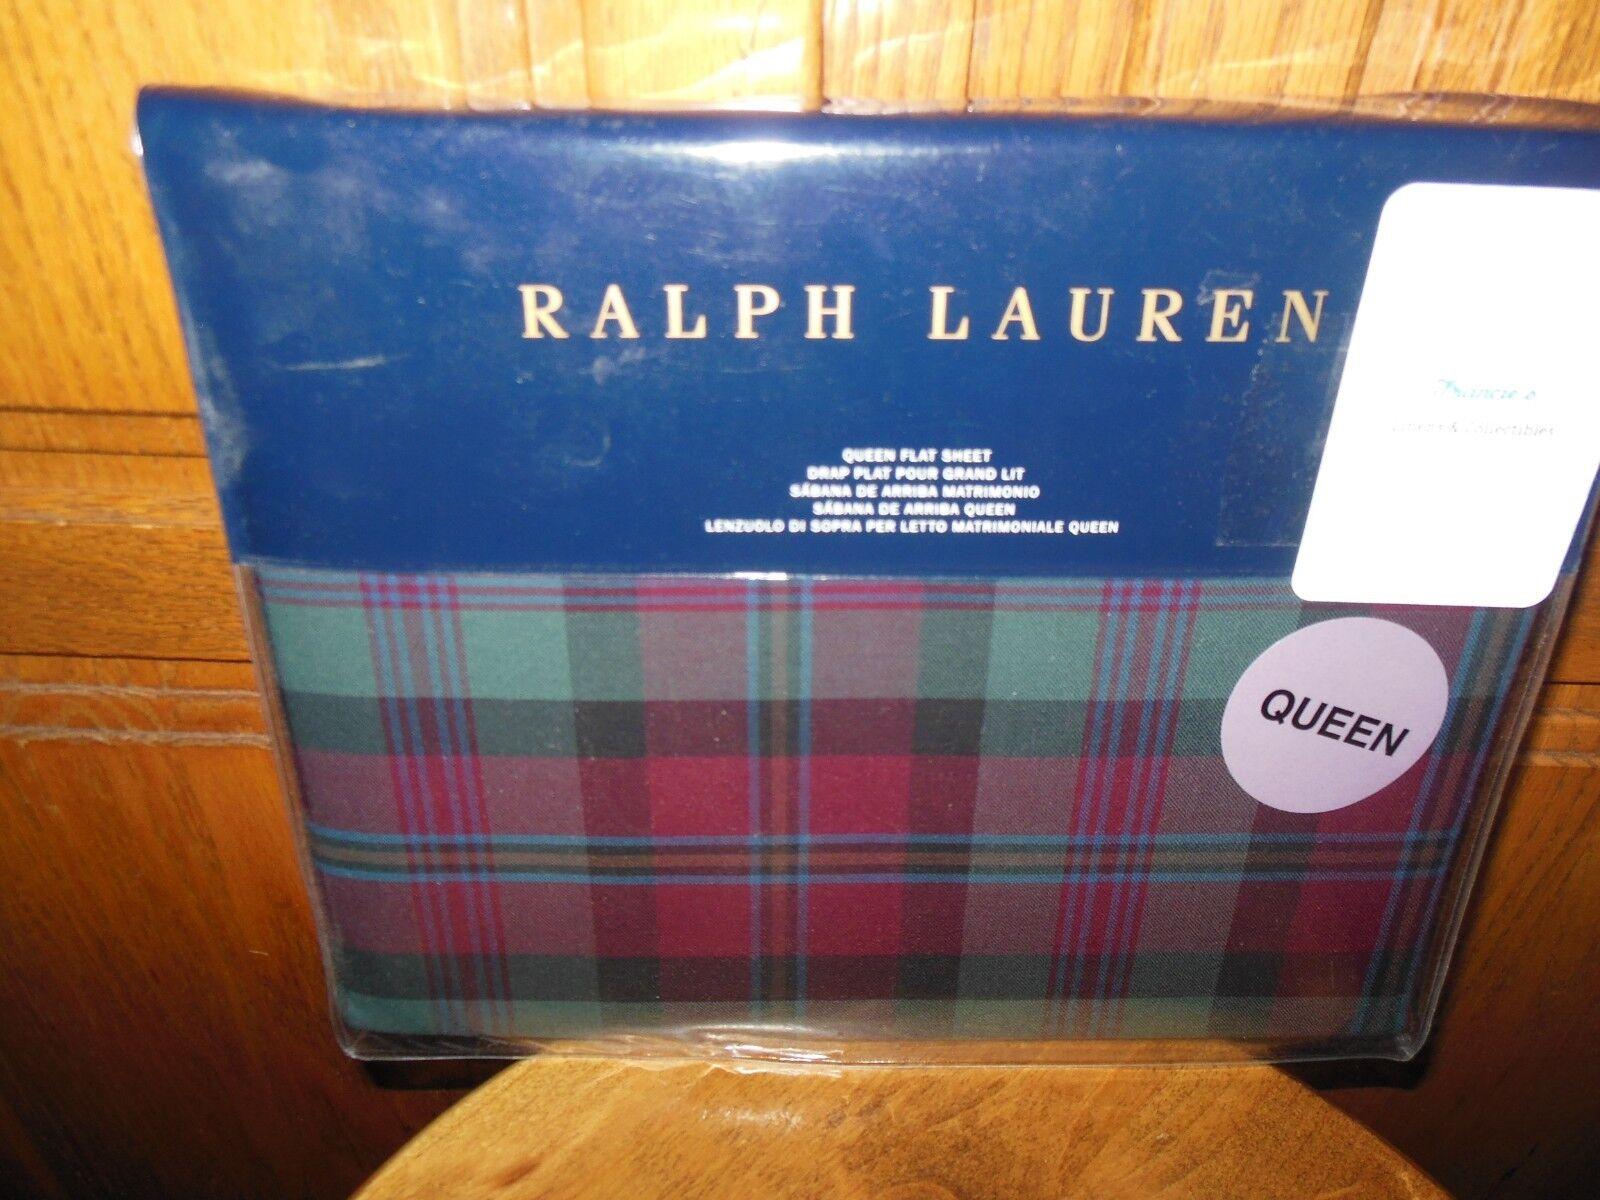 RALPH LAUREN - BOHEMIAN MUSE PLAID QUEEN FLAT SHEET